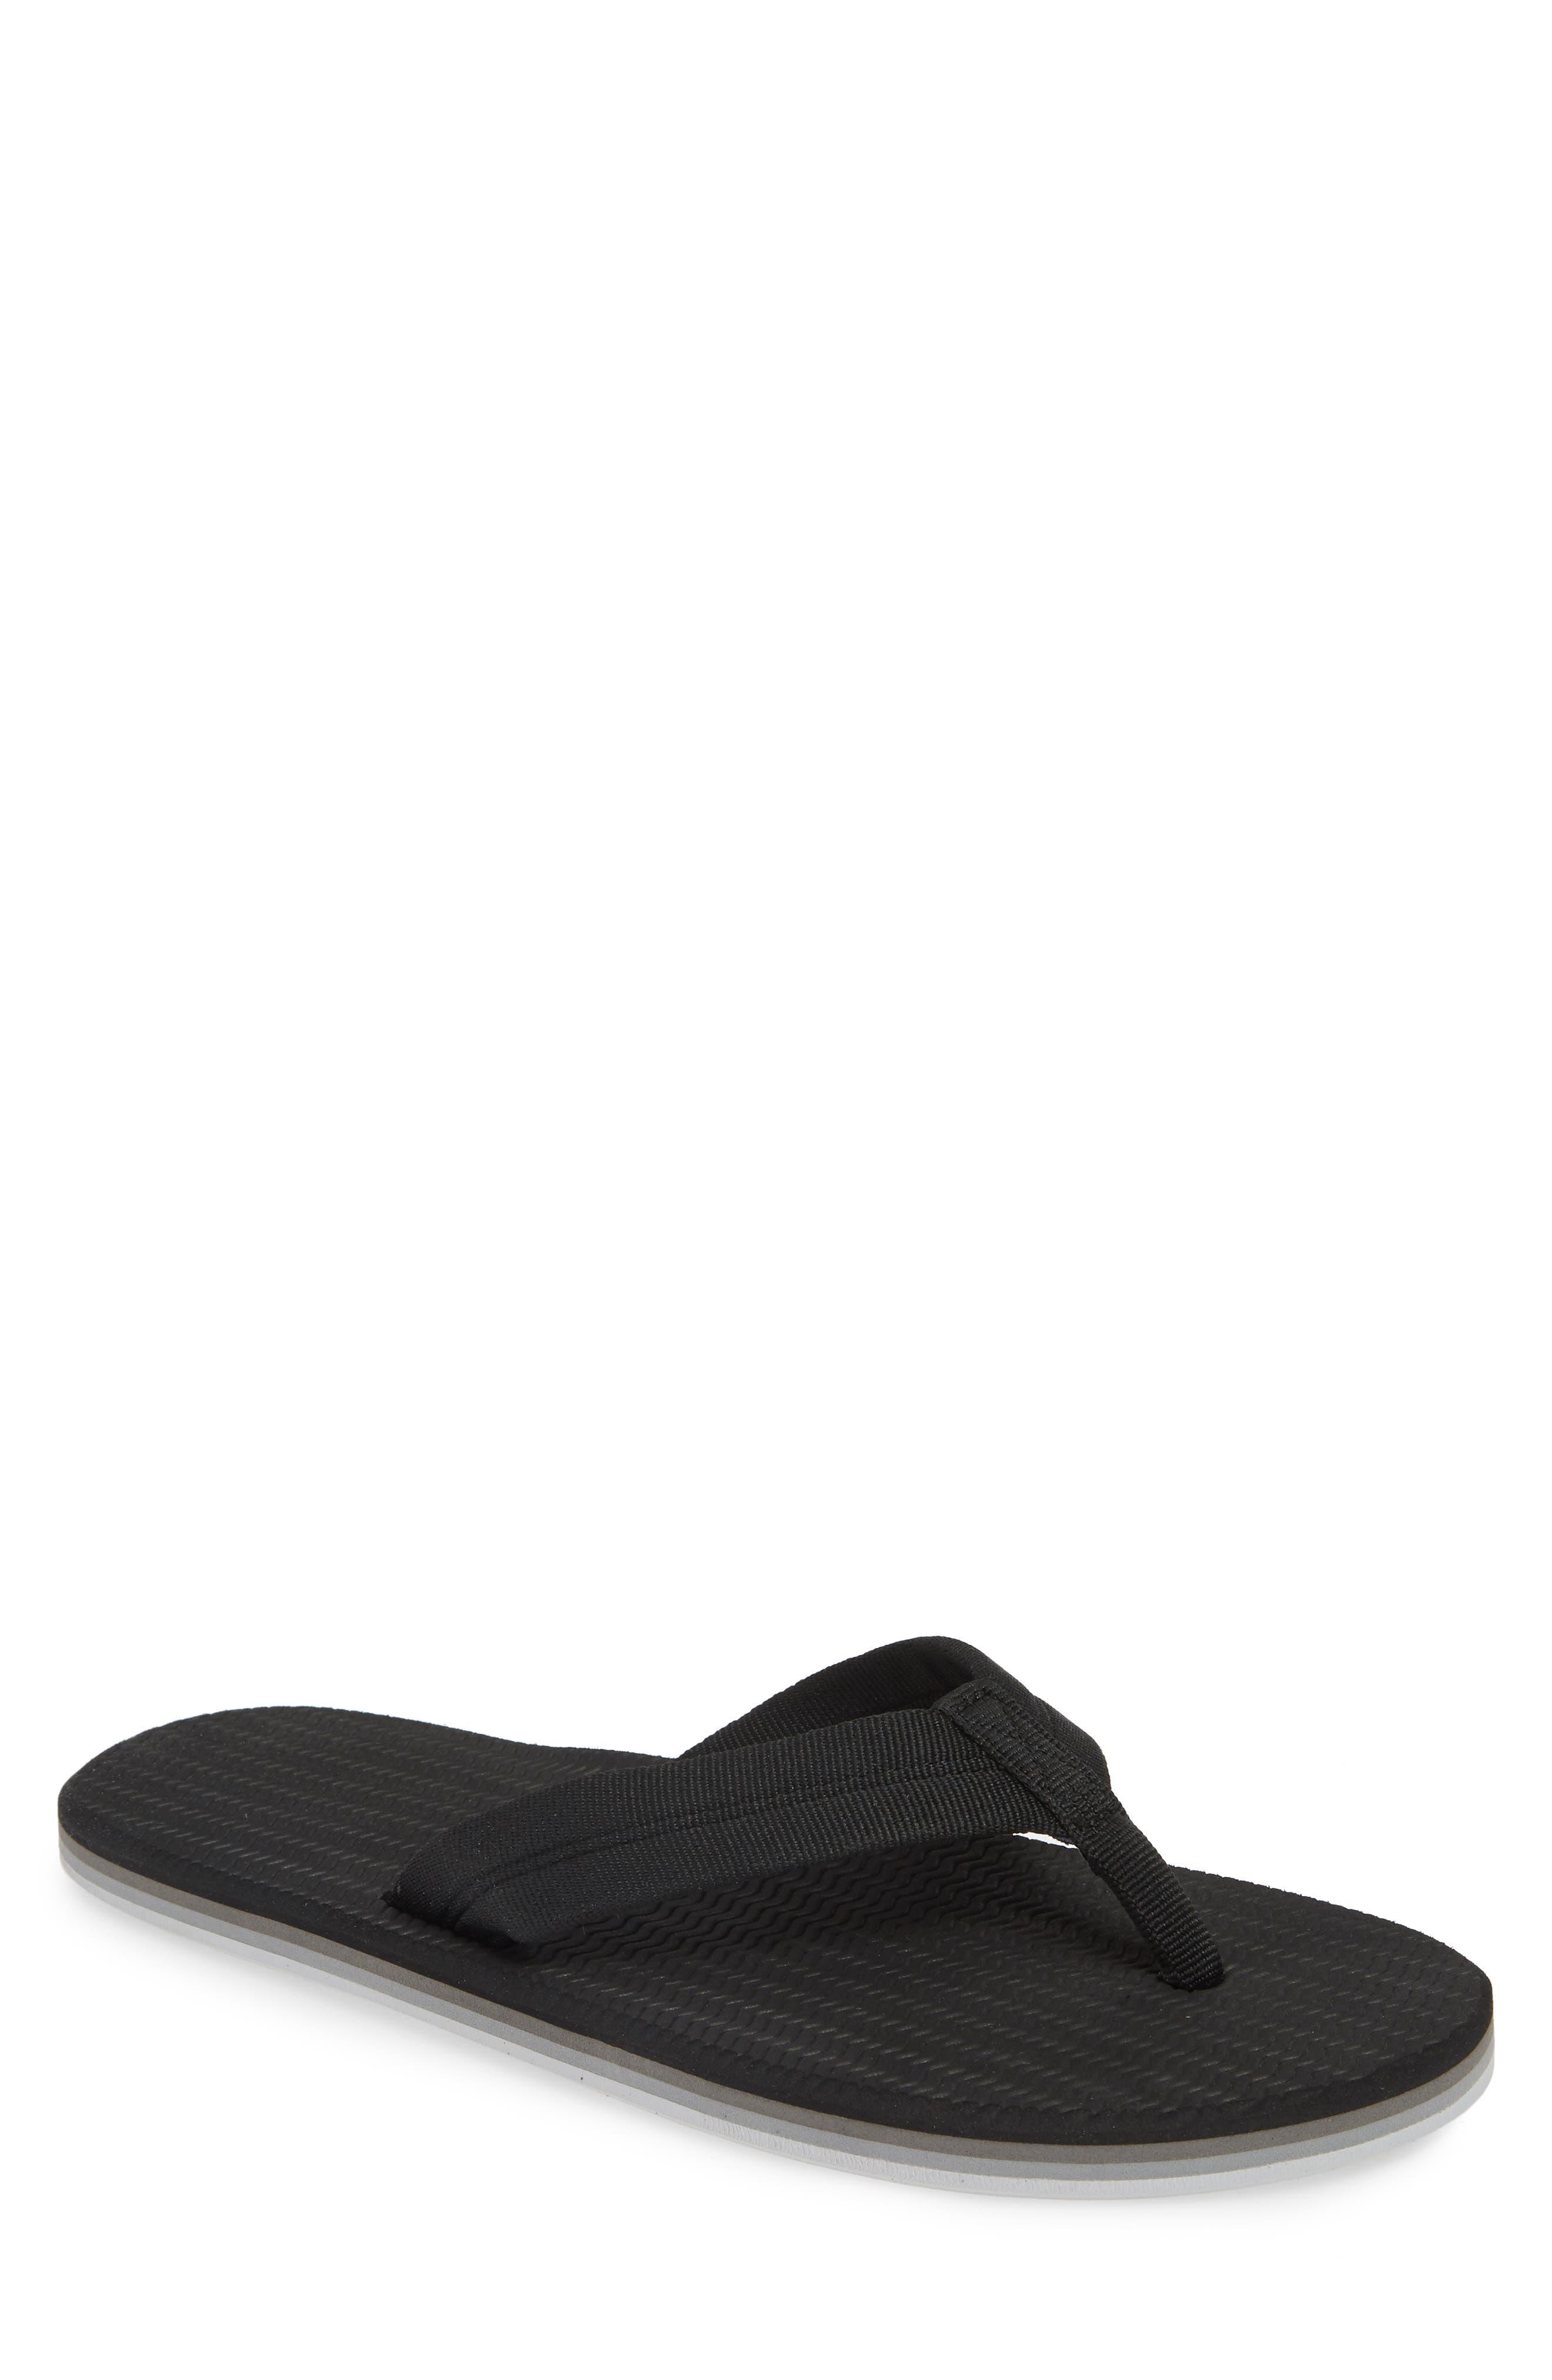 HARI MARI 'Dunes' Flip Flop, Main, color, BLACK